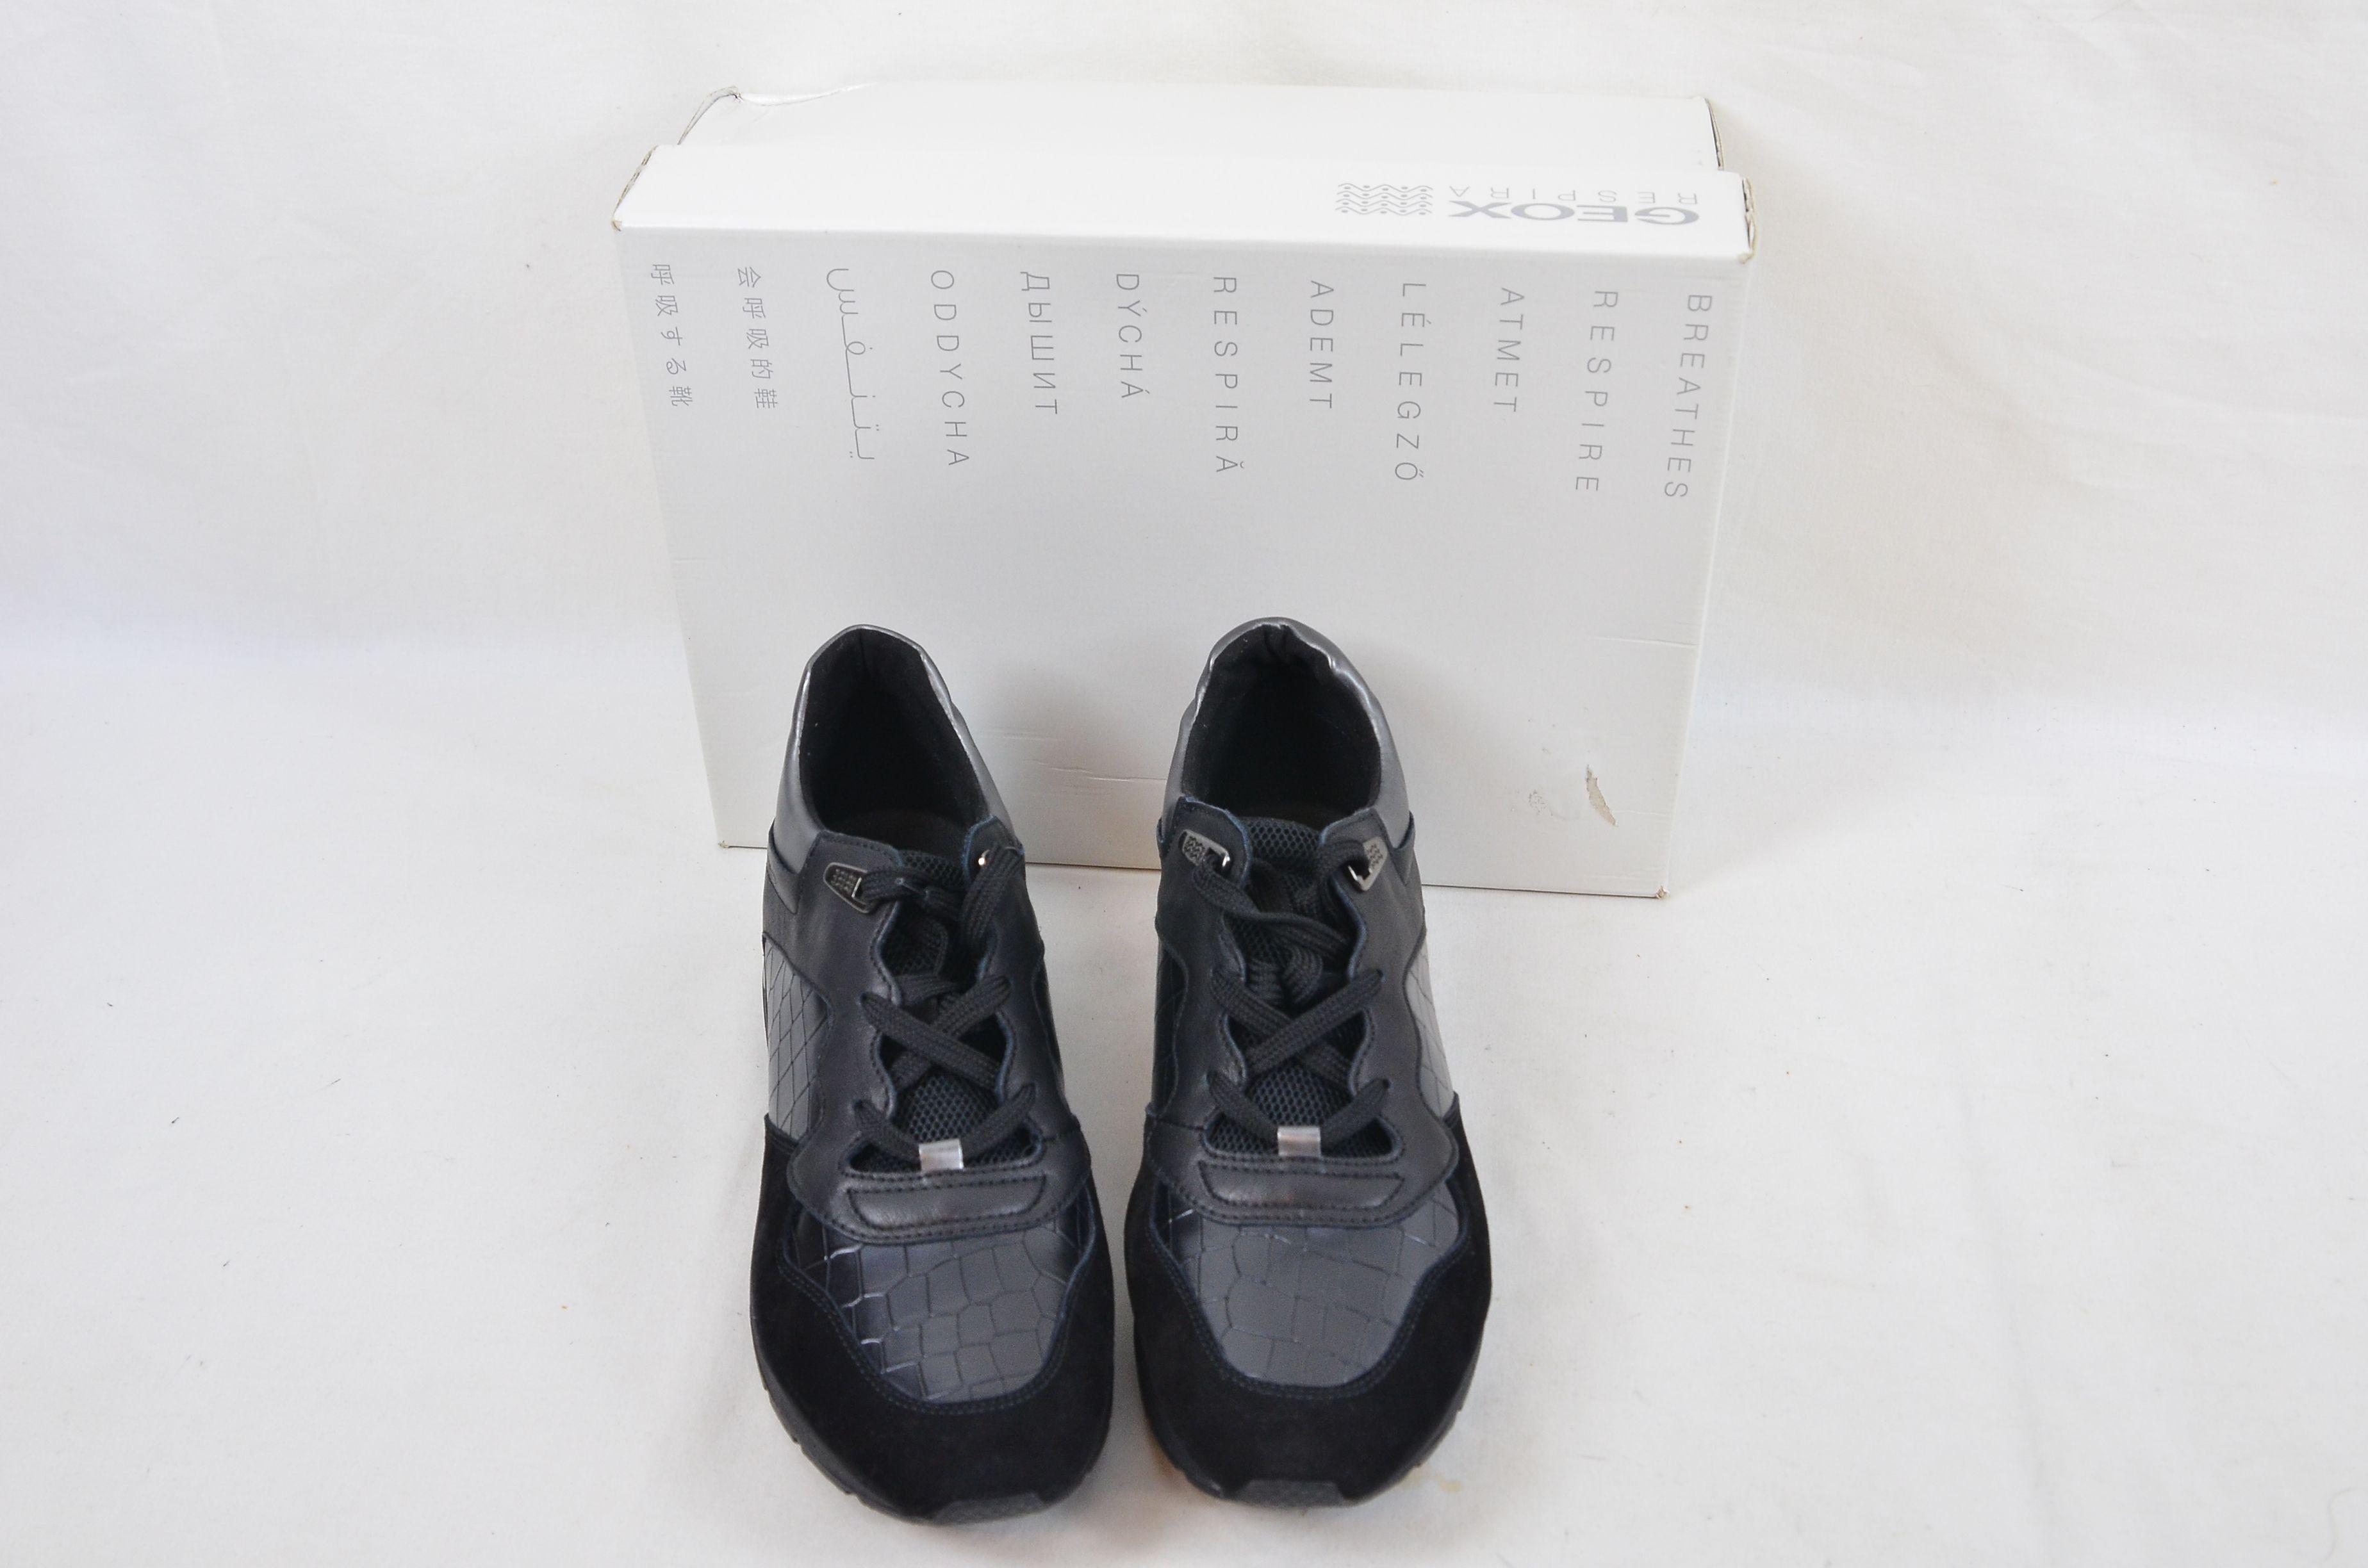 Geox Respira D Shahira Black UK Size 6 1